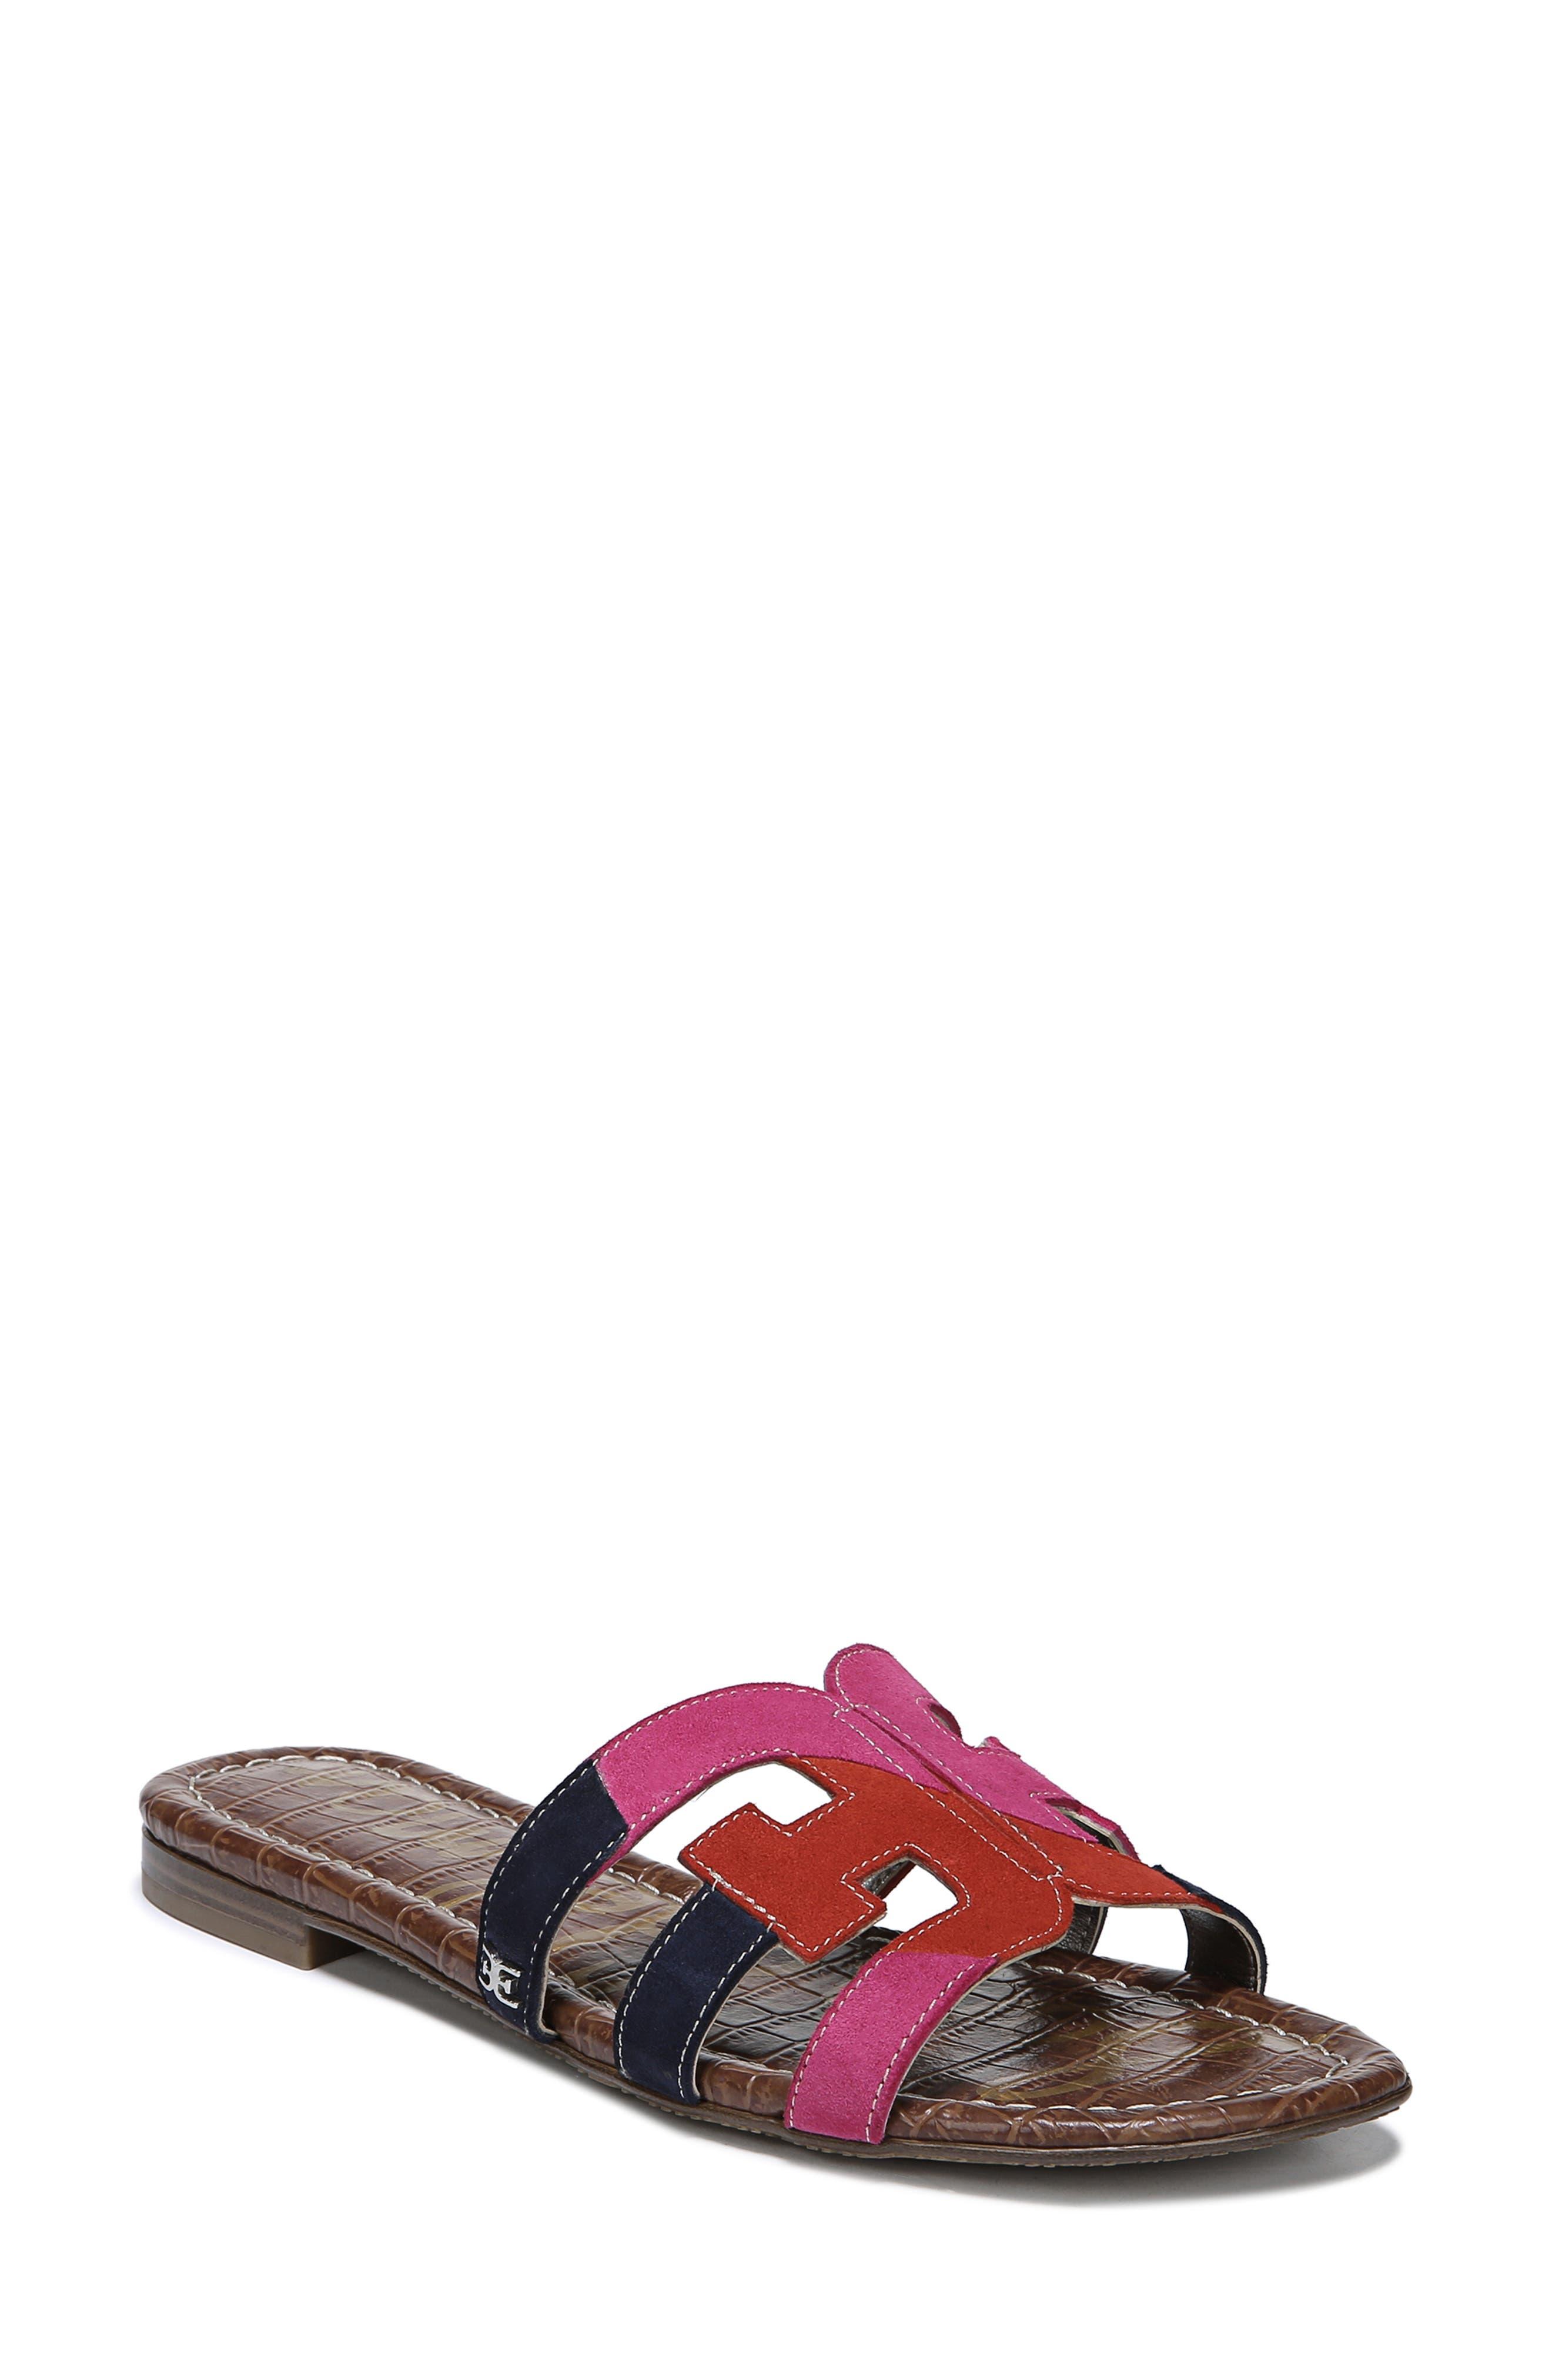 Sam Edelman Bay Cutout Slide Sandal- Pink